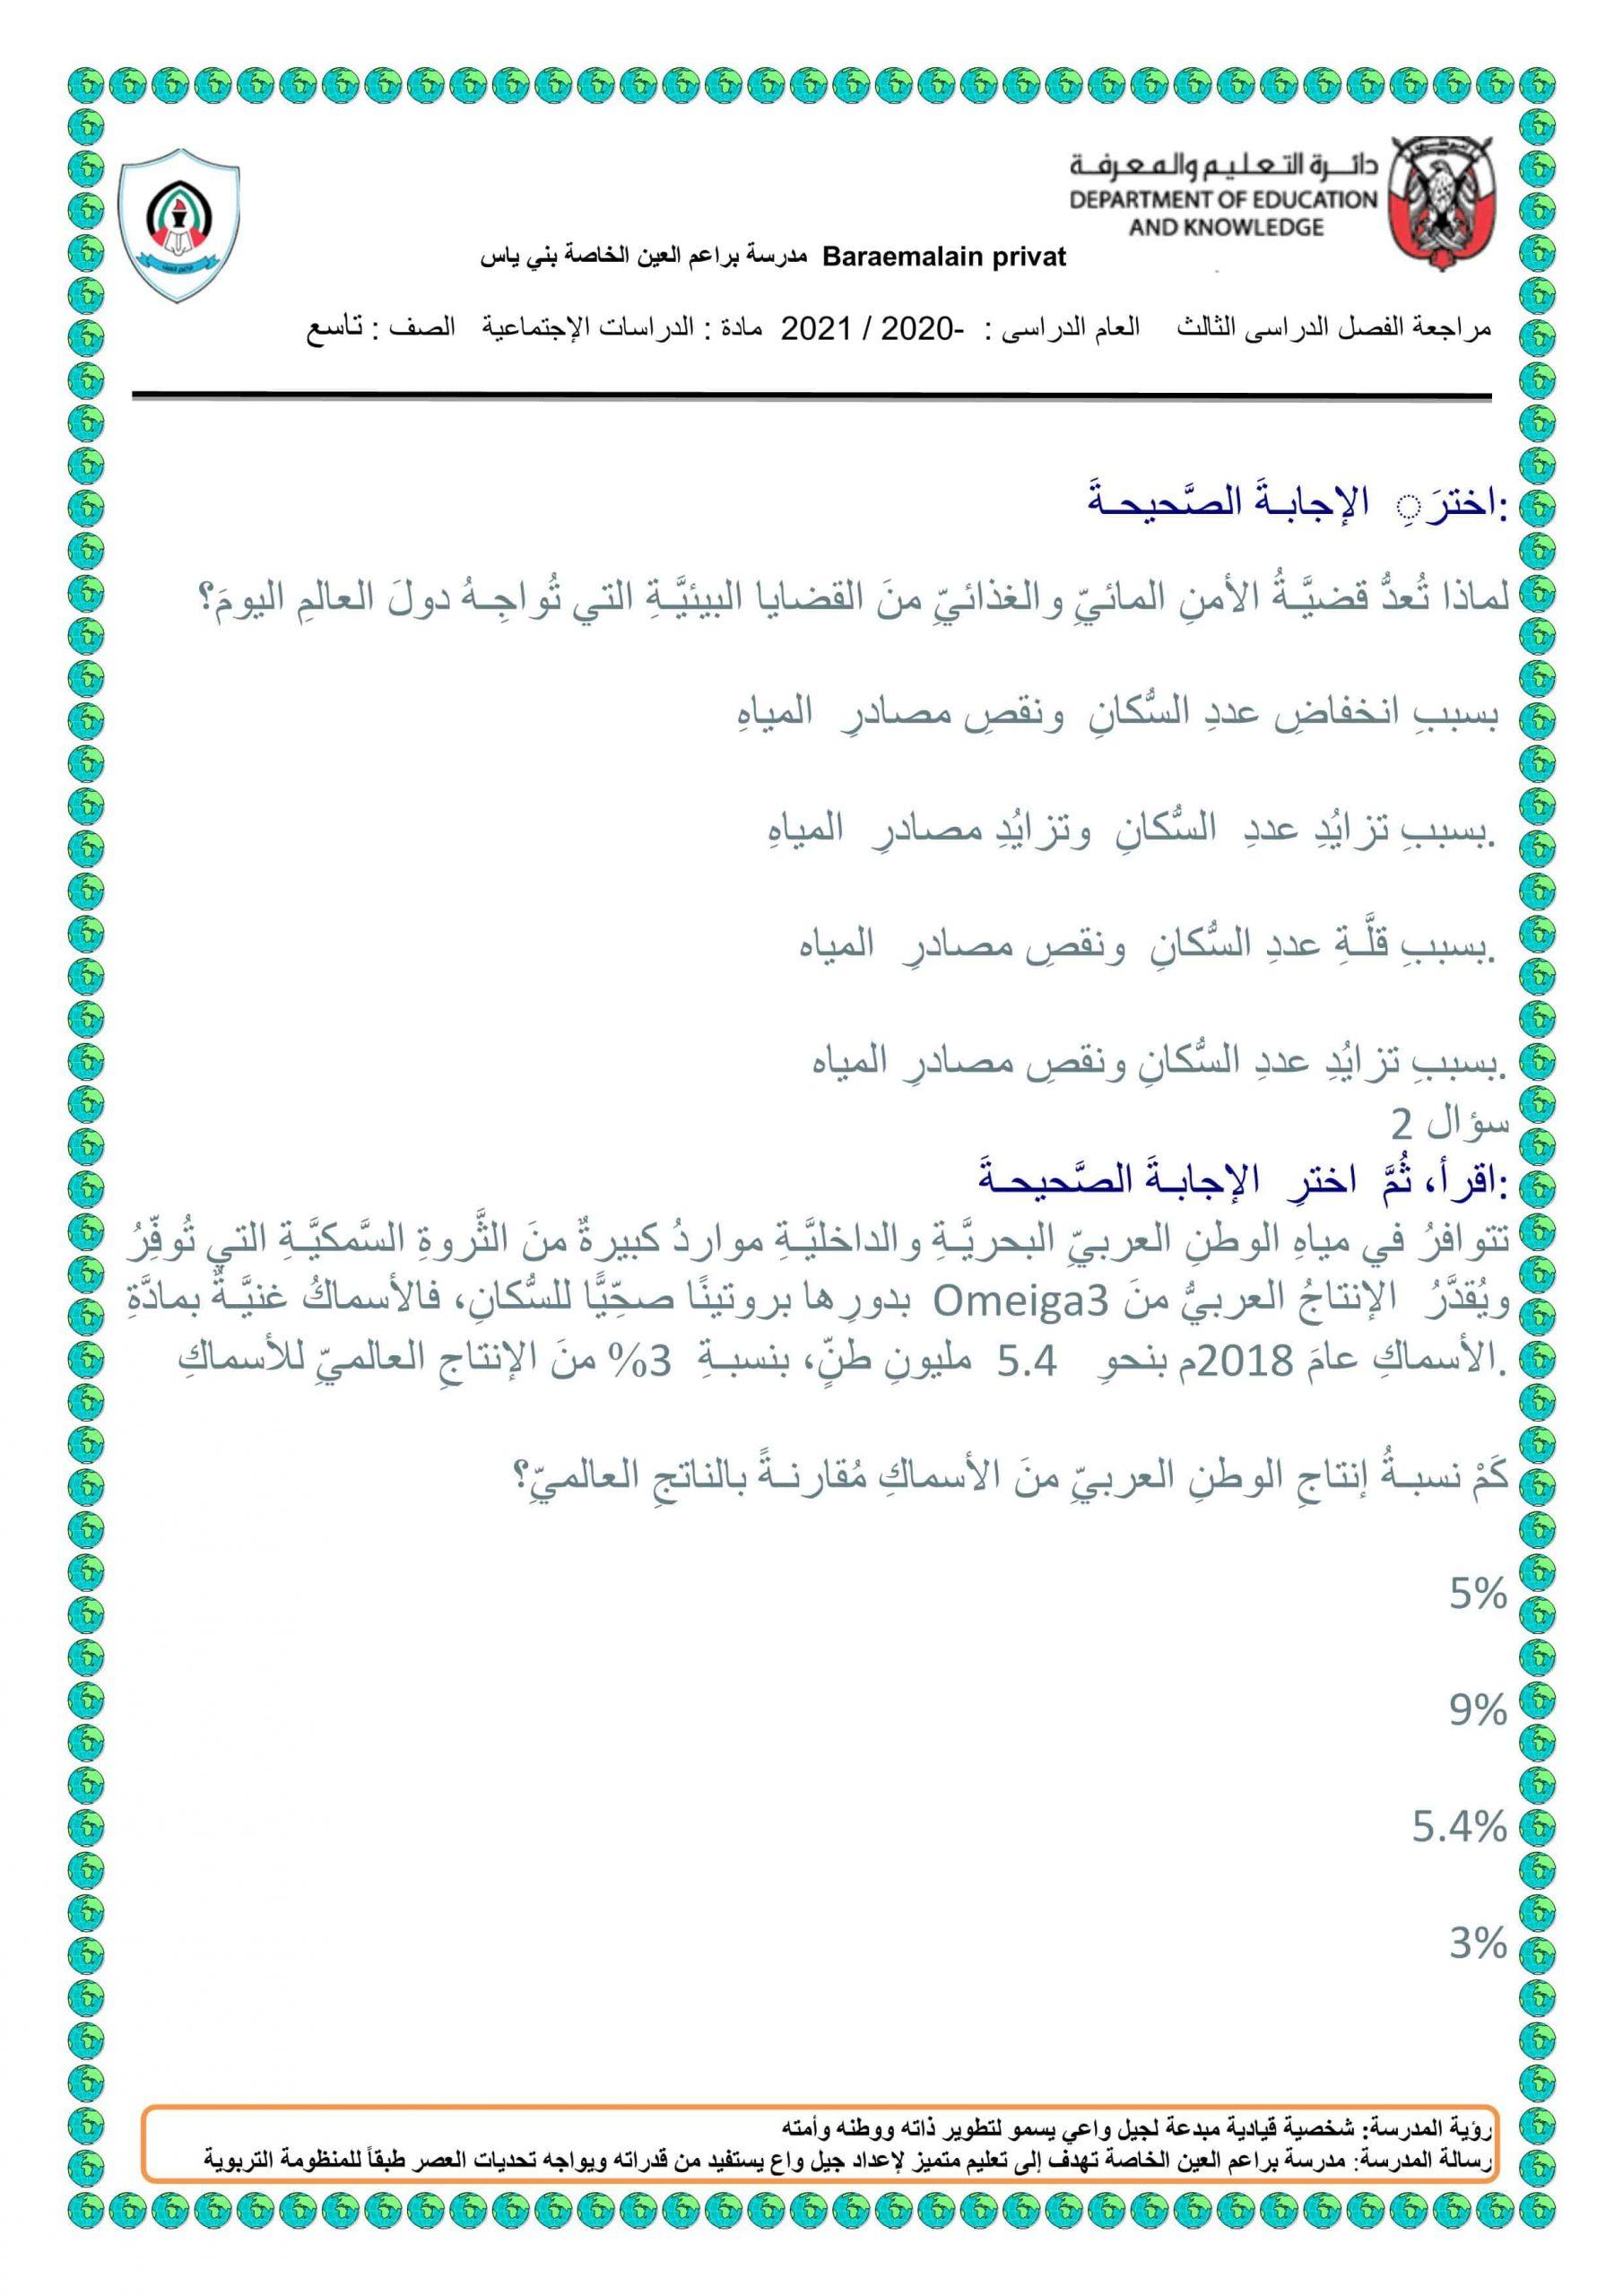 أوراق عمل مراجعة عامة الصف التاسع مادة الدراسات الإجتماعية والتربية الوطنية